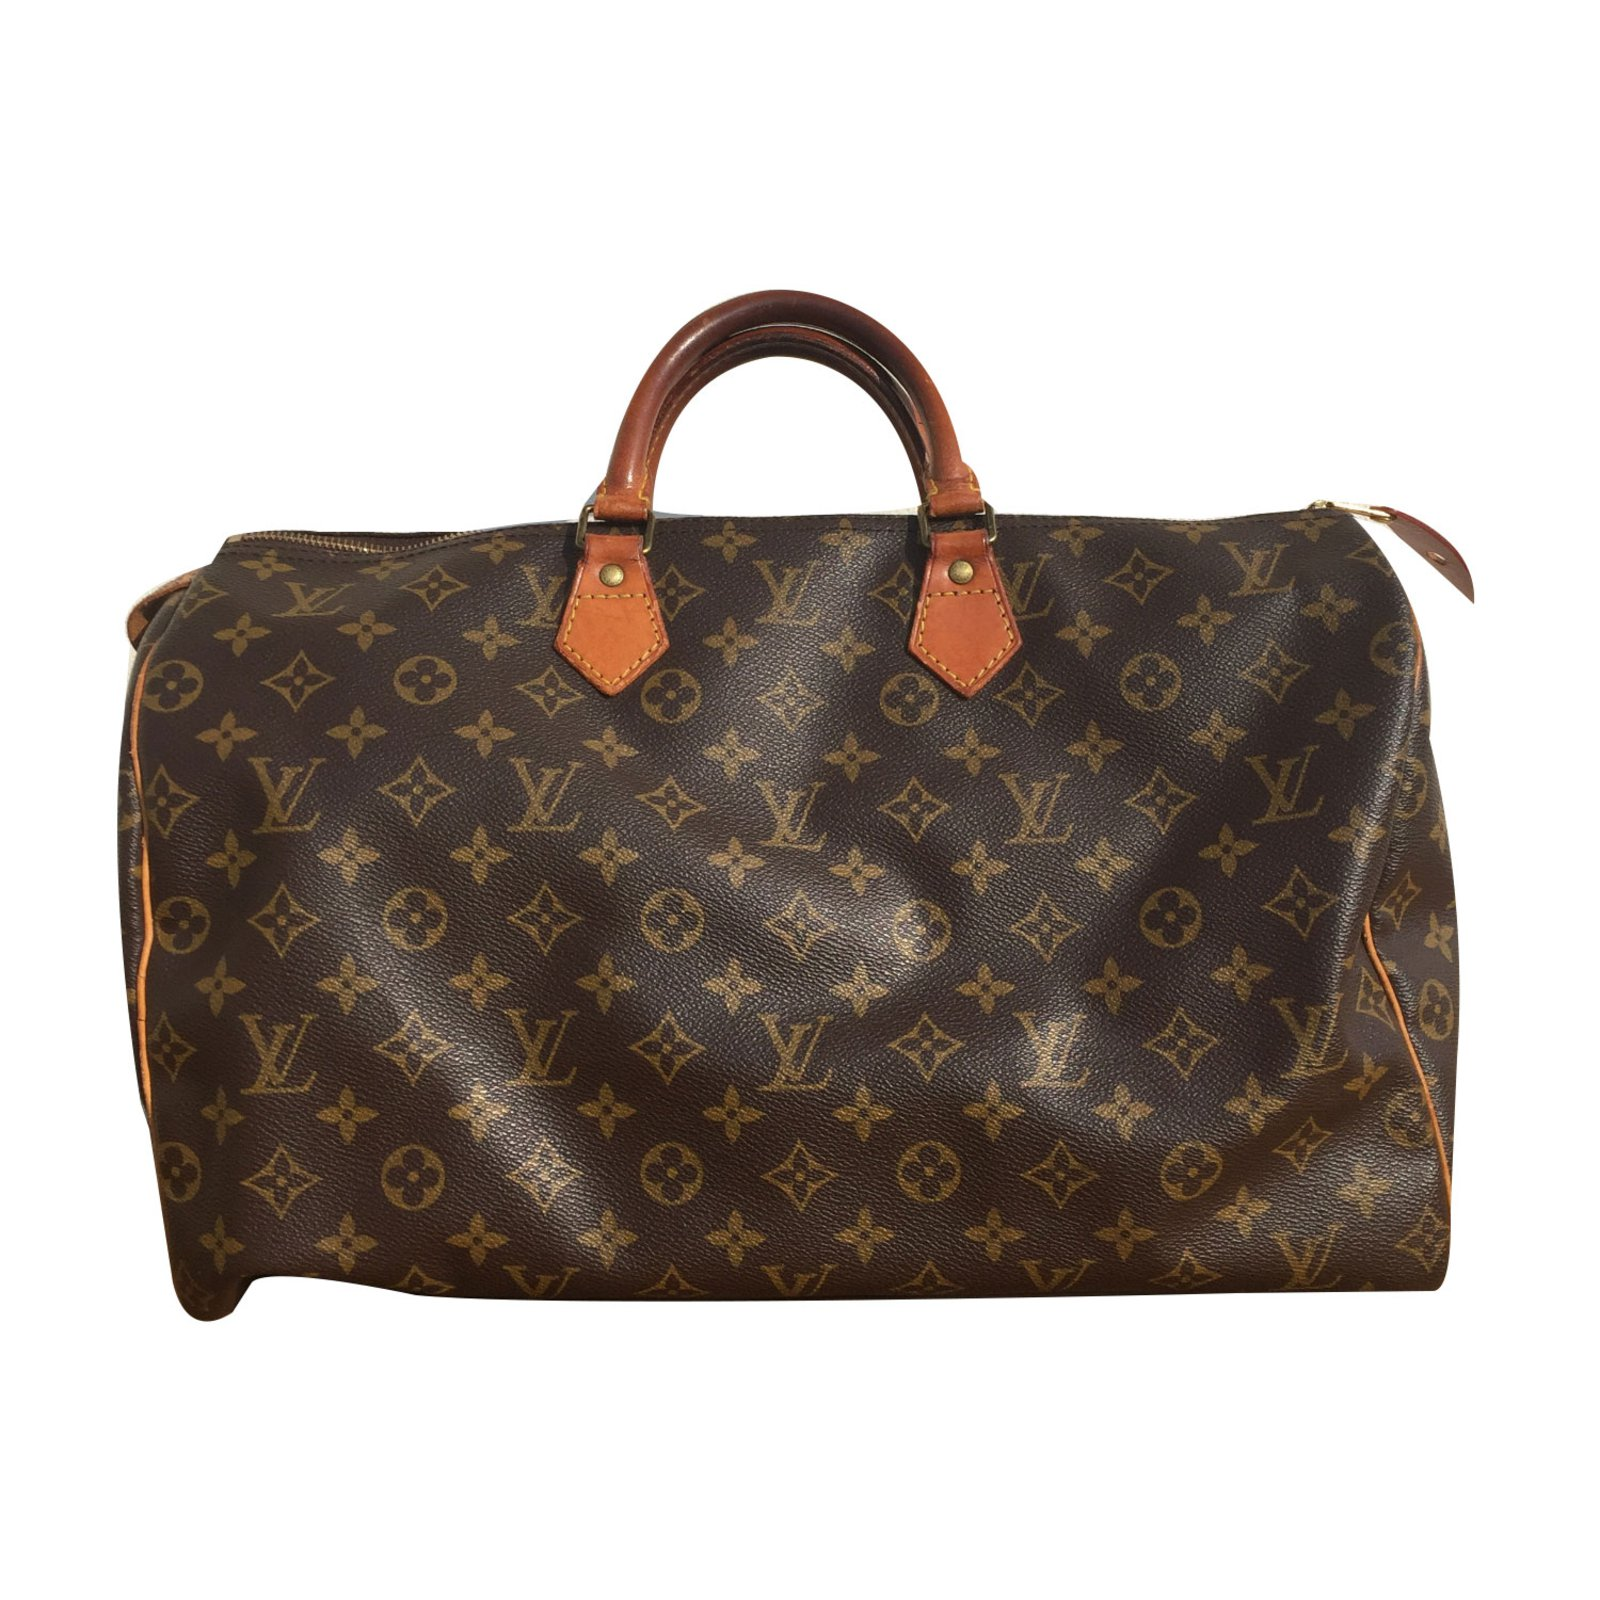 Sacs à main Louis Vuitton speedy 40 LOUIS VUITTON vintage Synthétique  Marron ref.68134 e8dc8bcc3ae